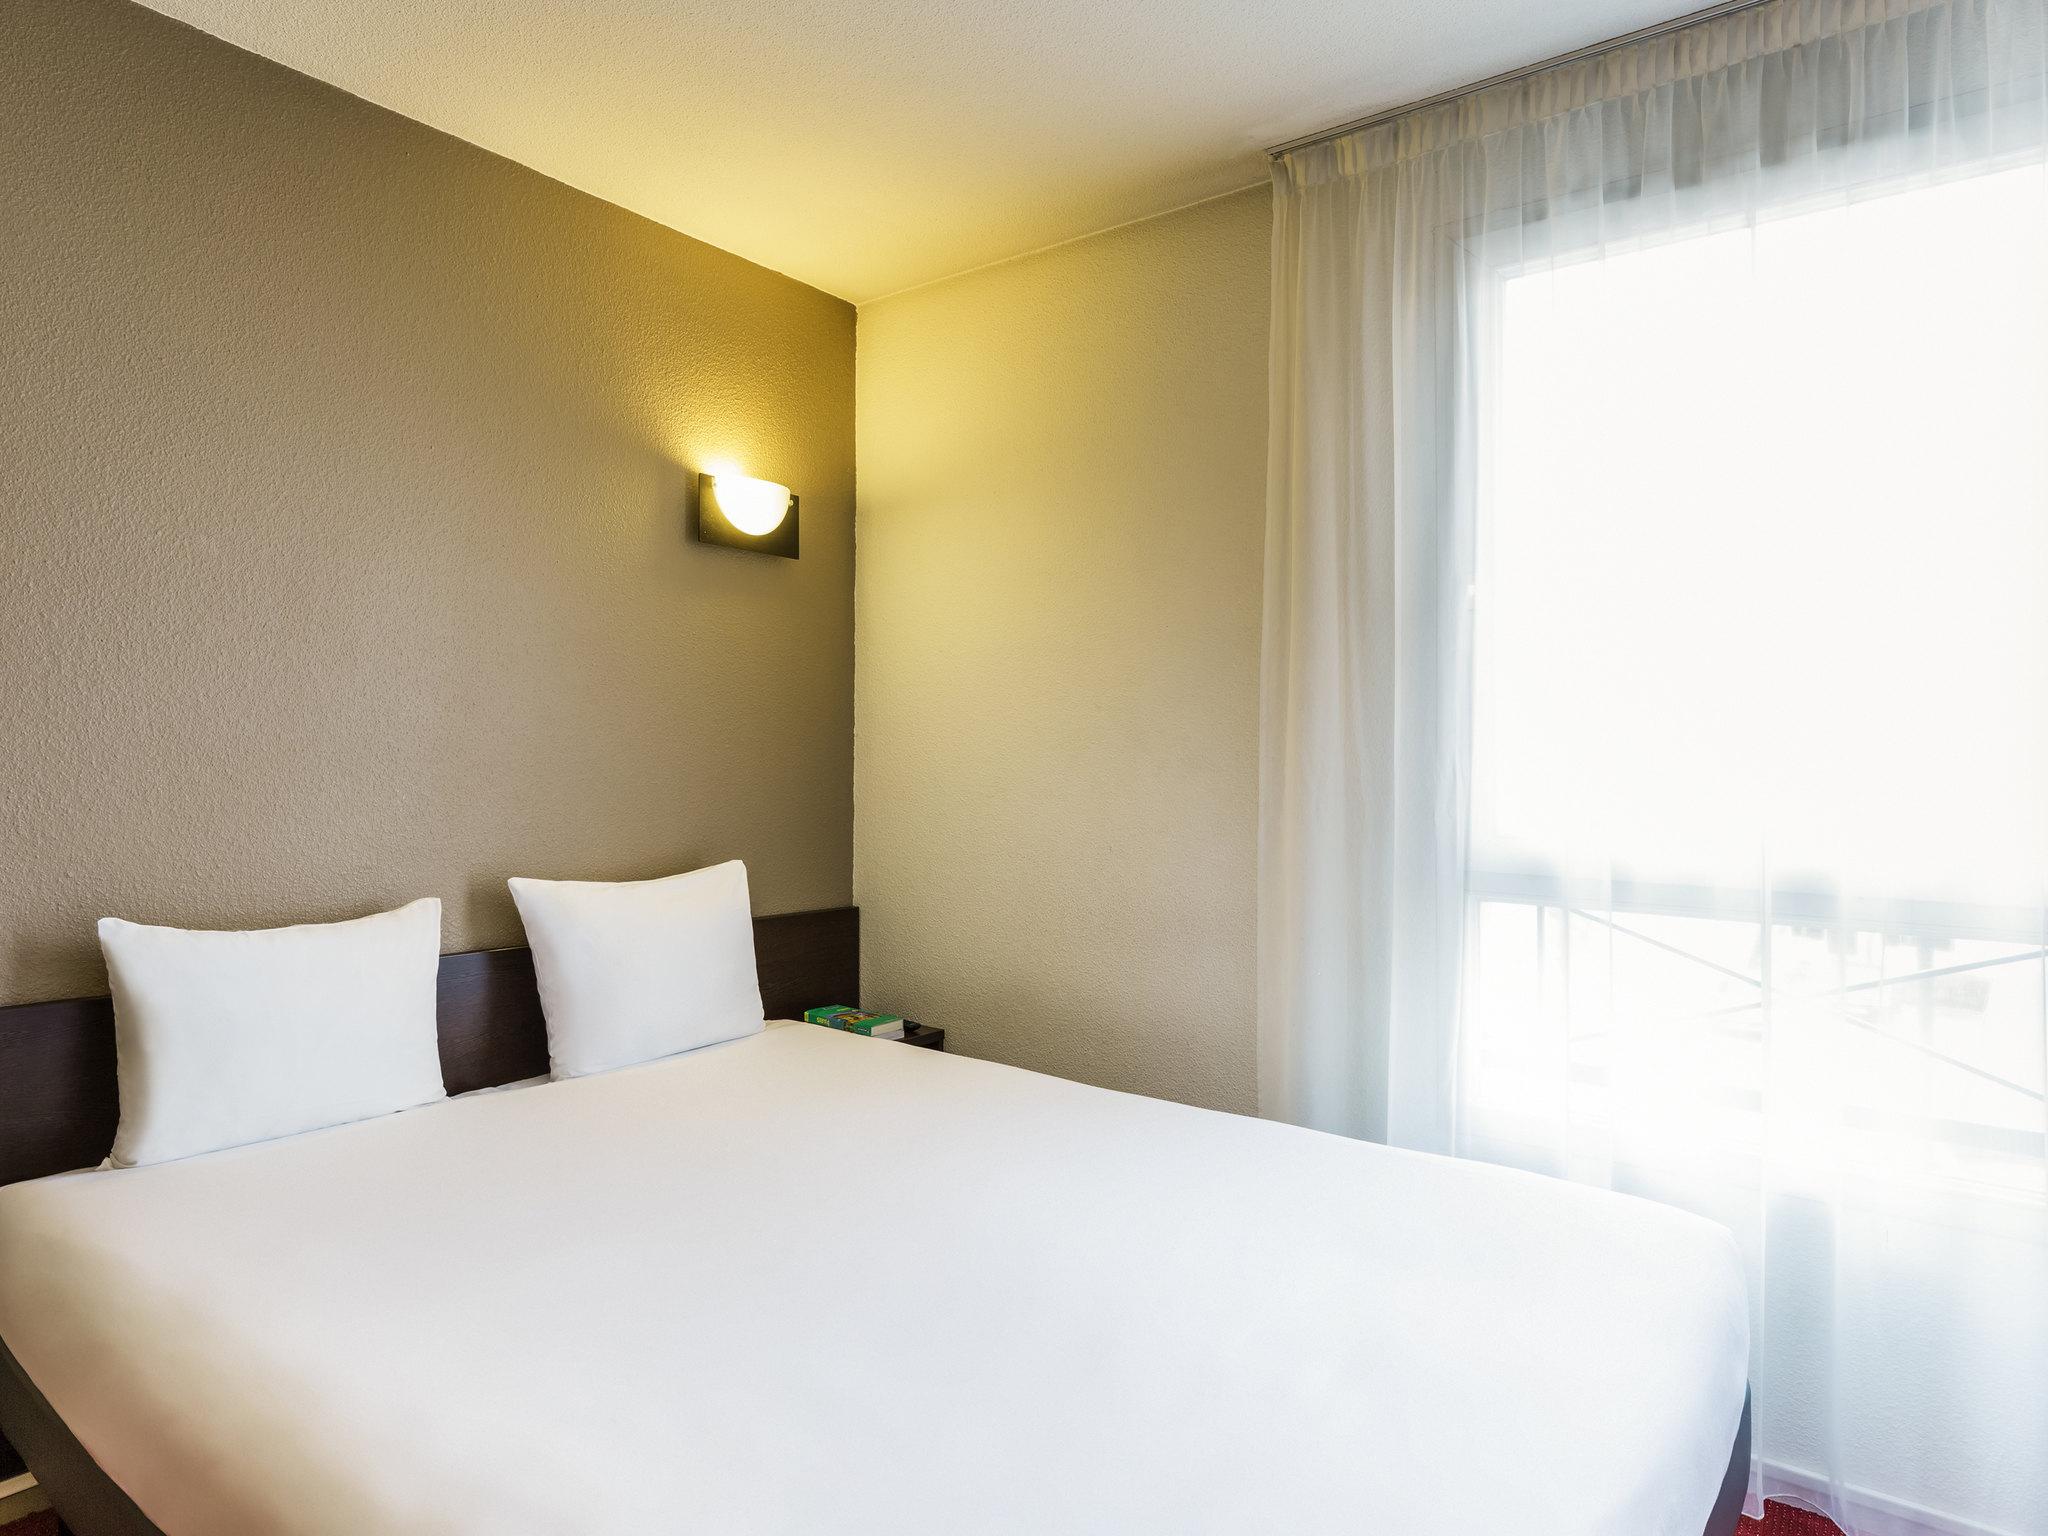 โรงแรม – Aparthotel Adagio access Vanves Porte de Versailles